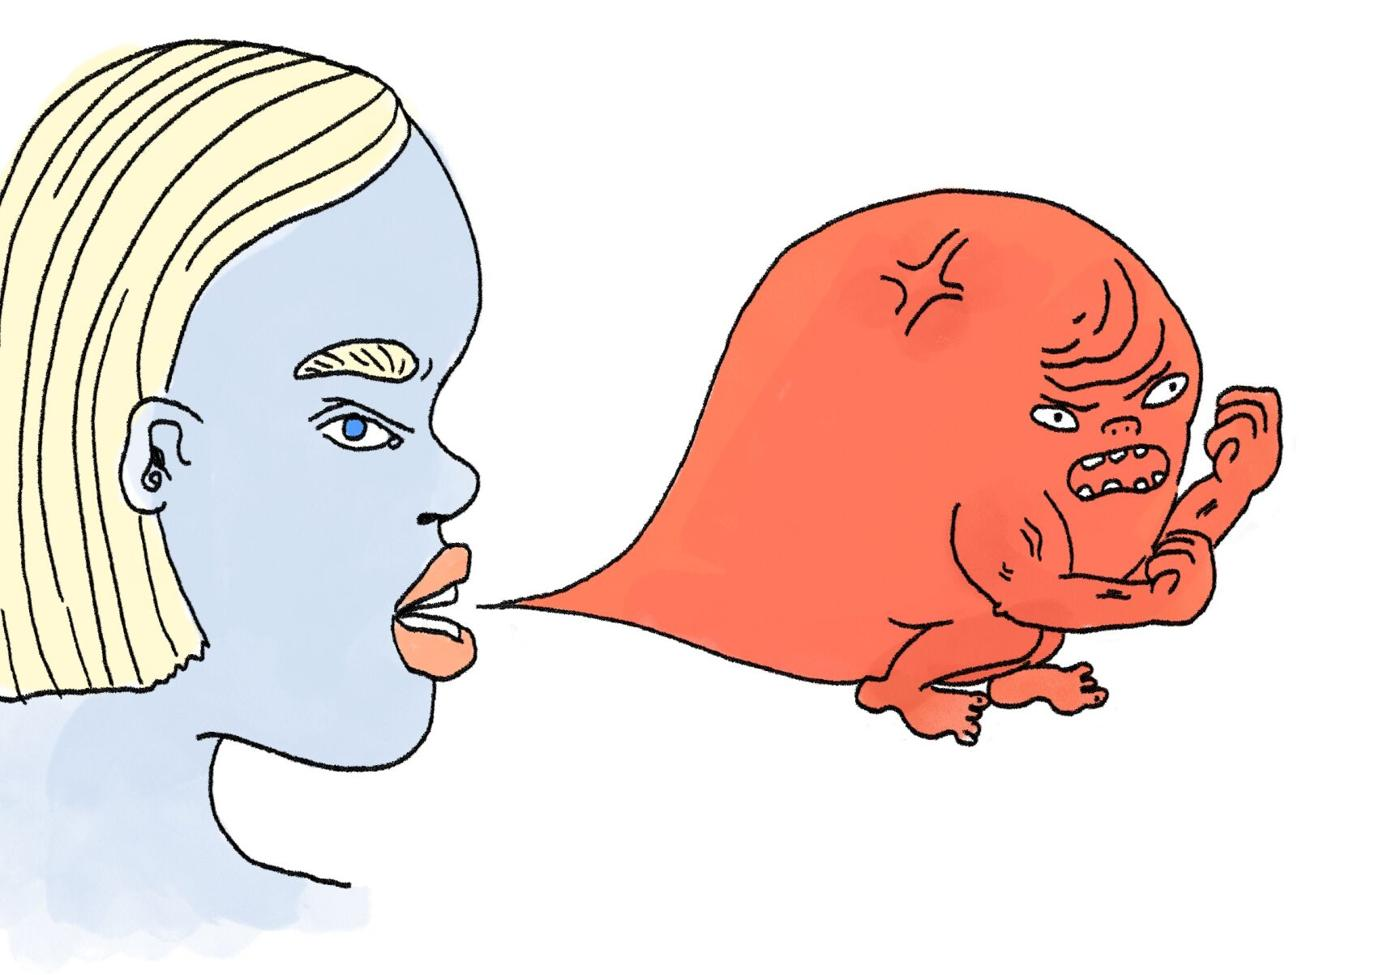 Hate Speech Illustration